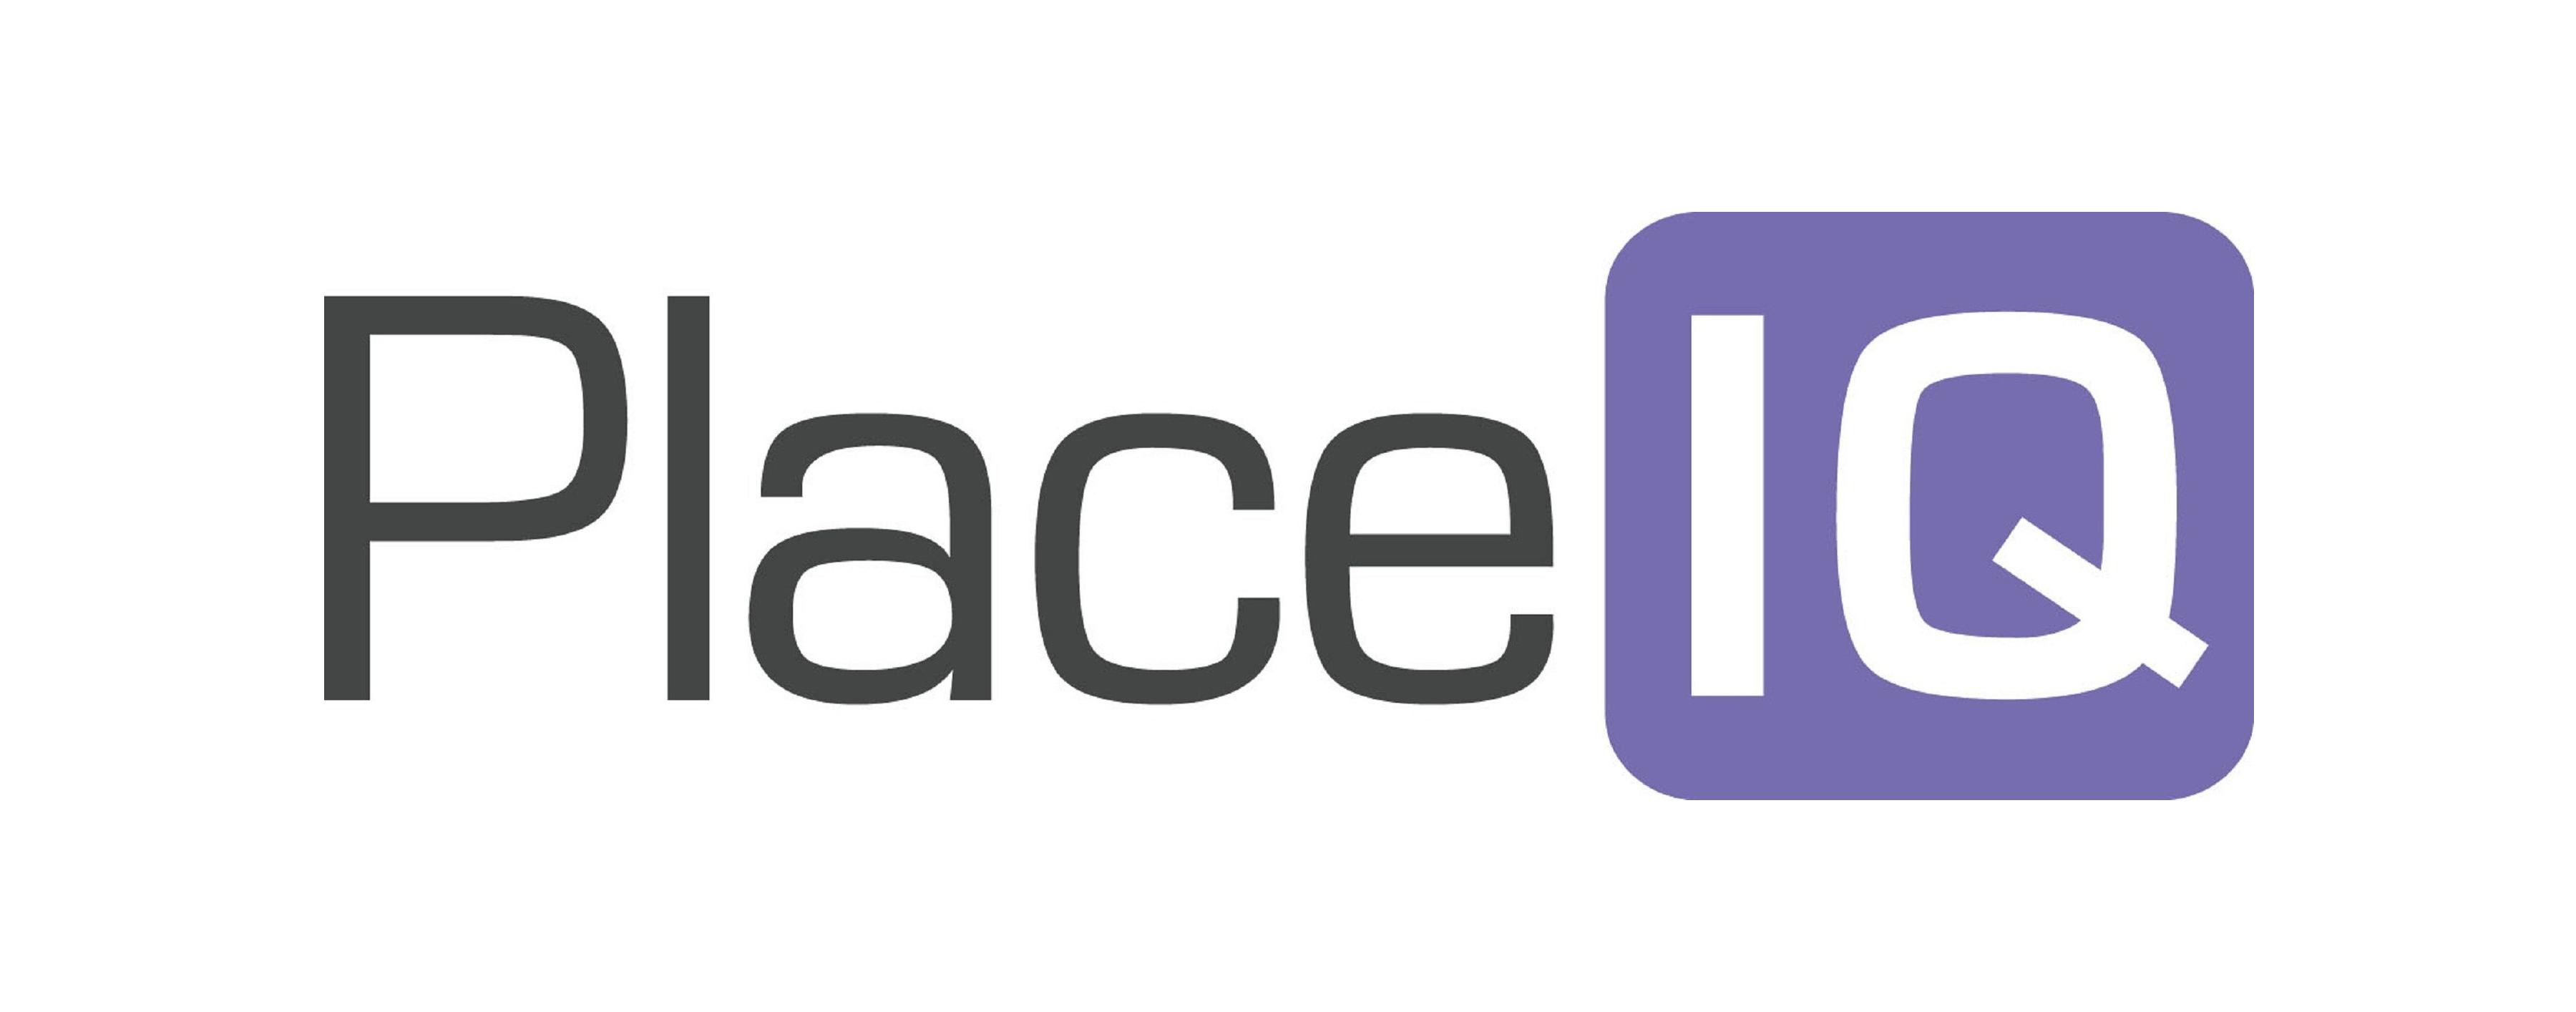 PlaceIQ company logo